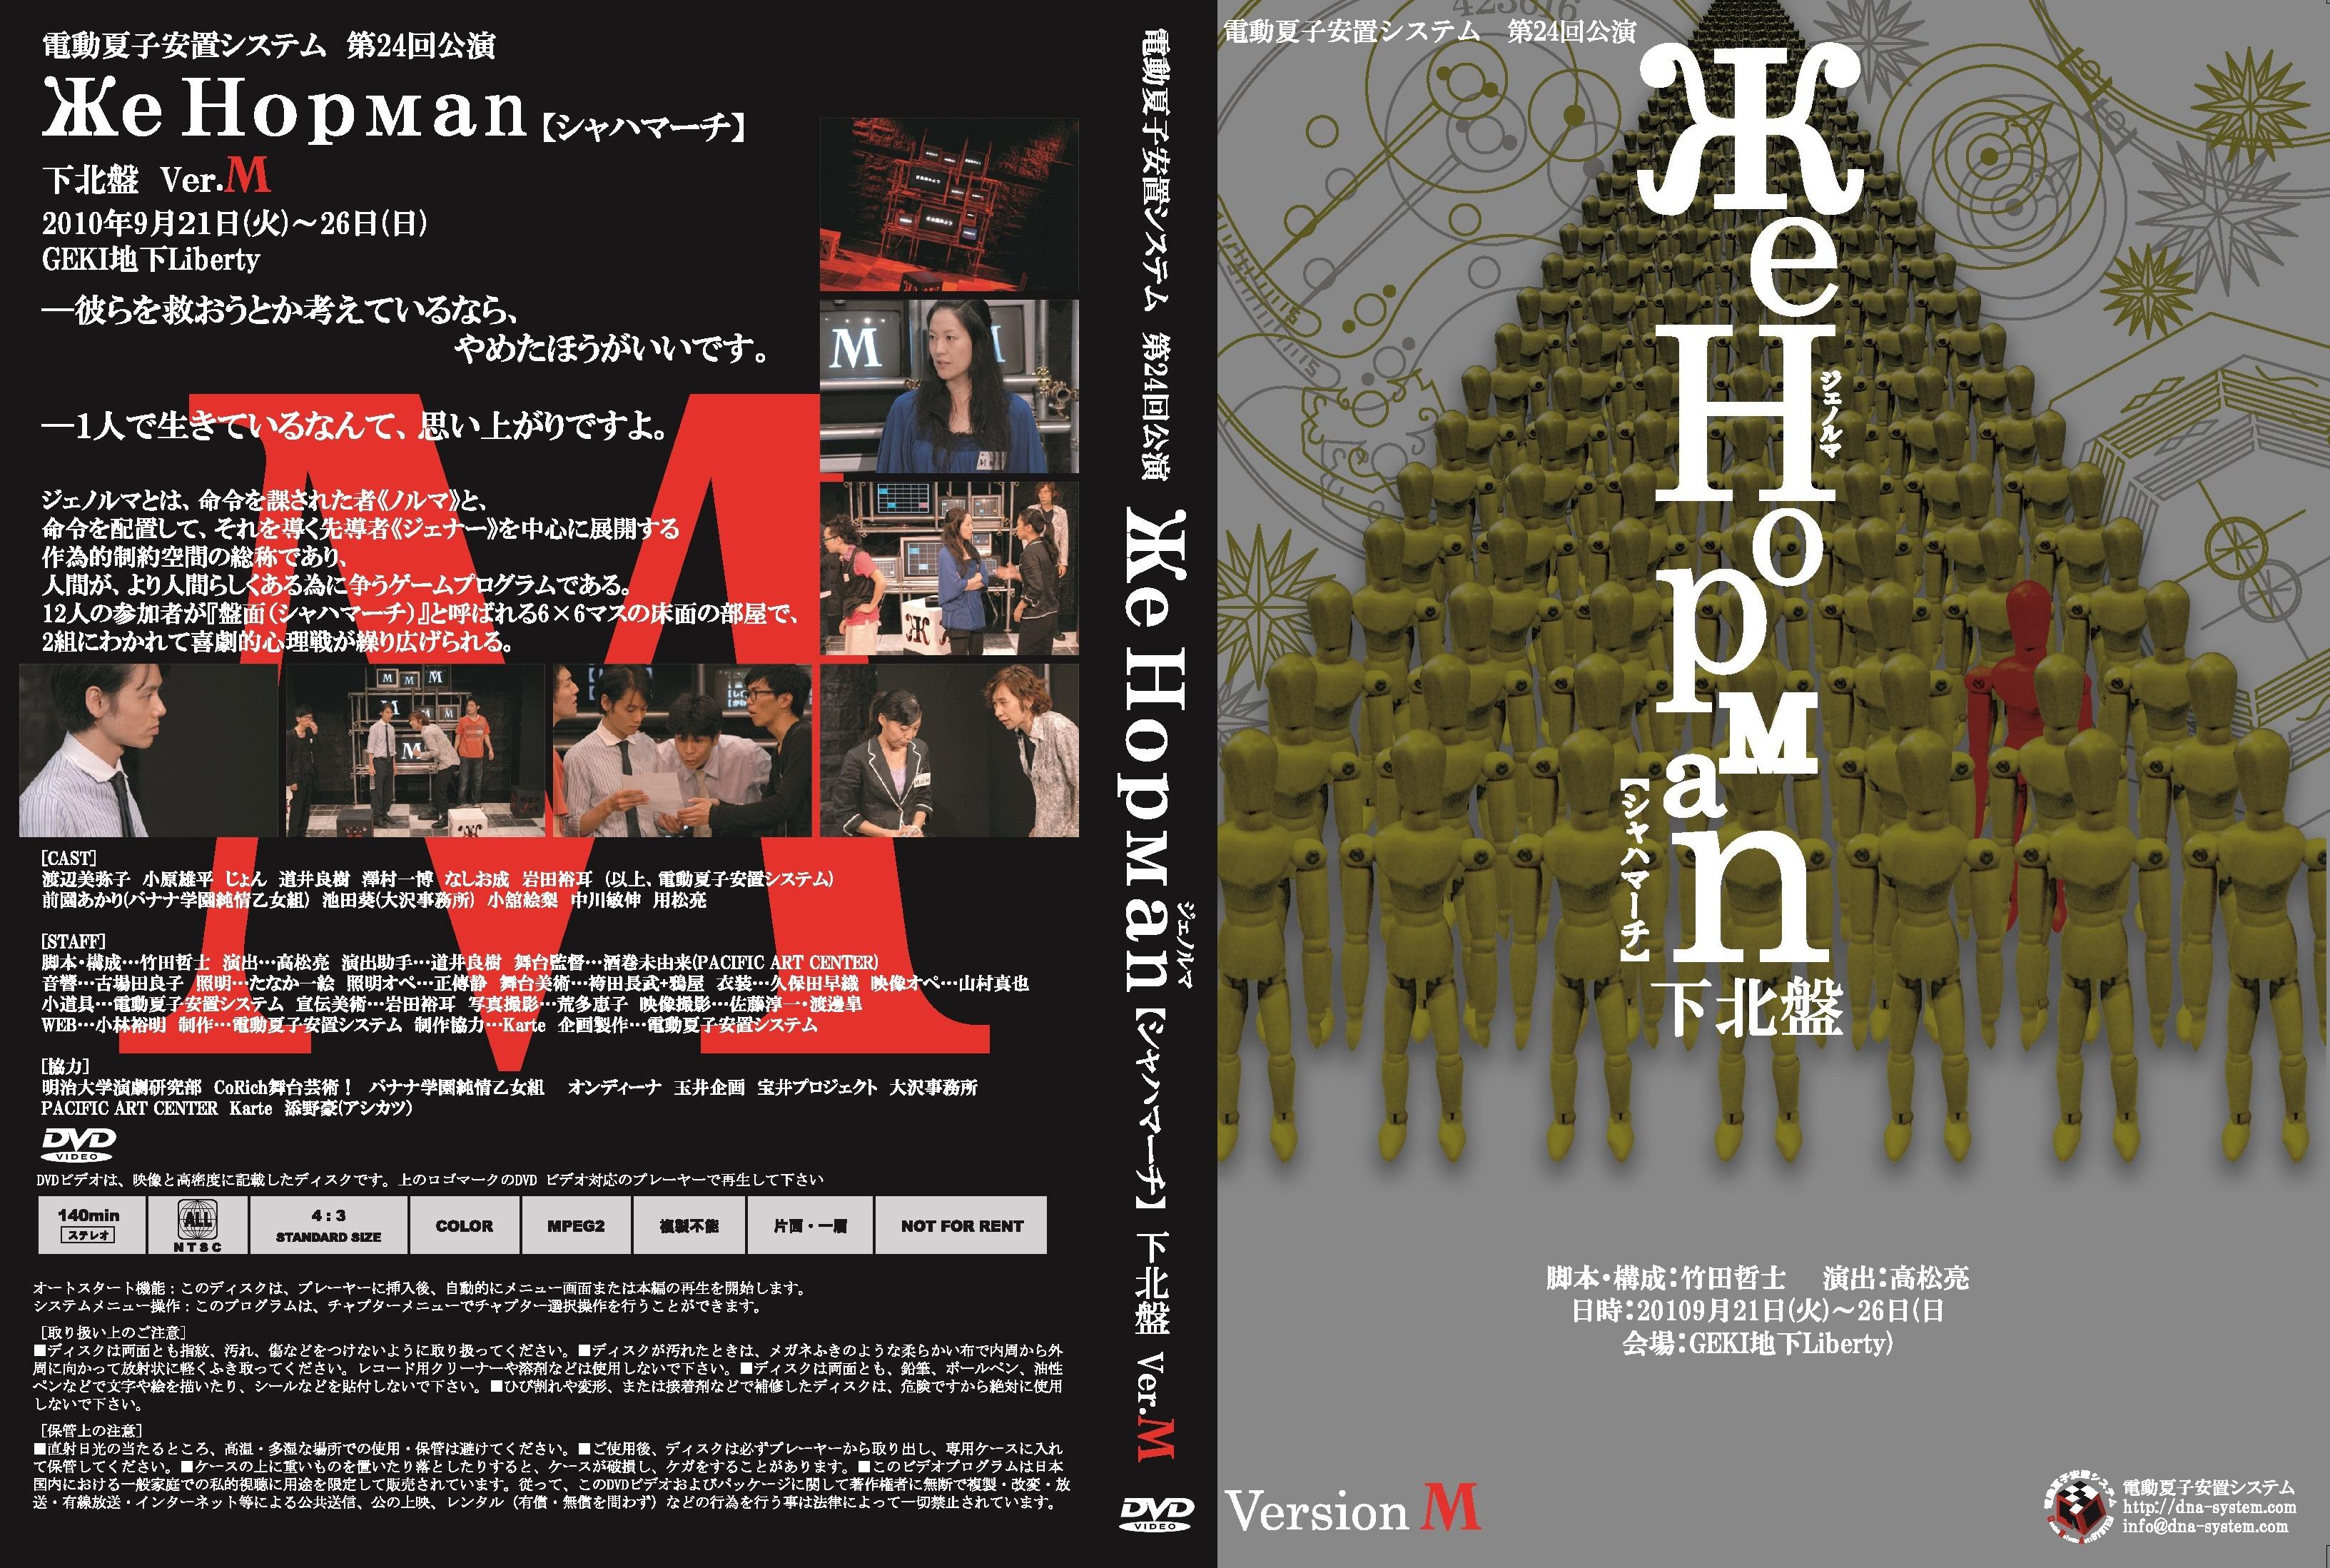 DVD 第24回公演『ЖeНoрмаn~シャハマーチ~【下北盤】』(М ver.)